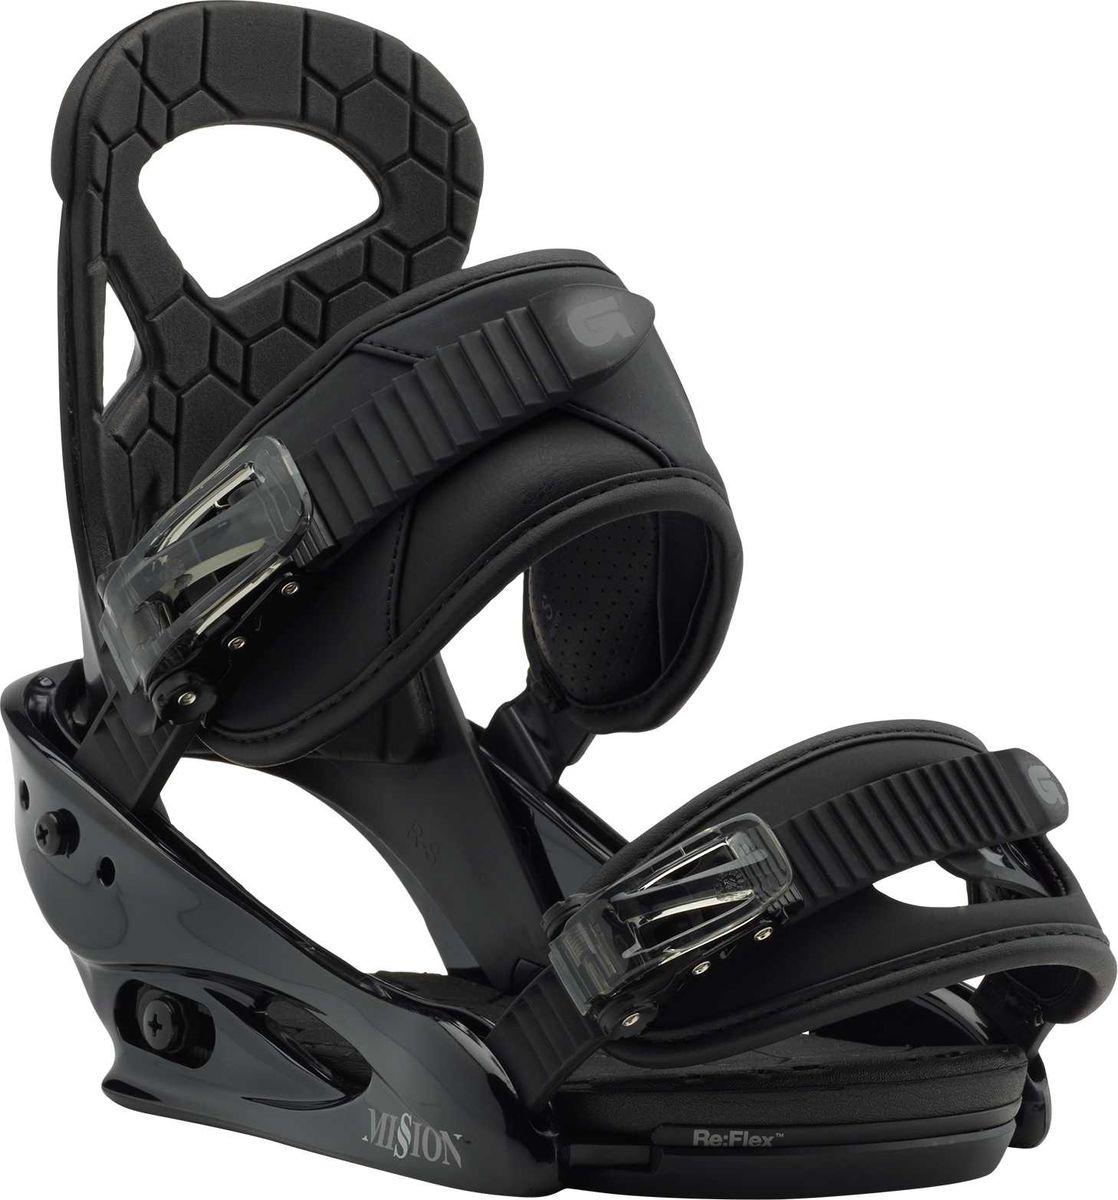 Крепление для сноуборда Burton Mission Smalls Black, цвет: черный. Размер S